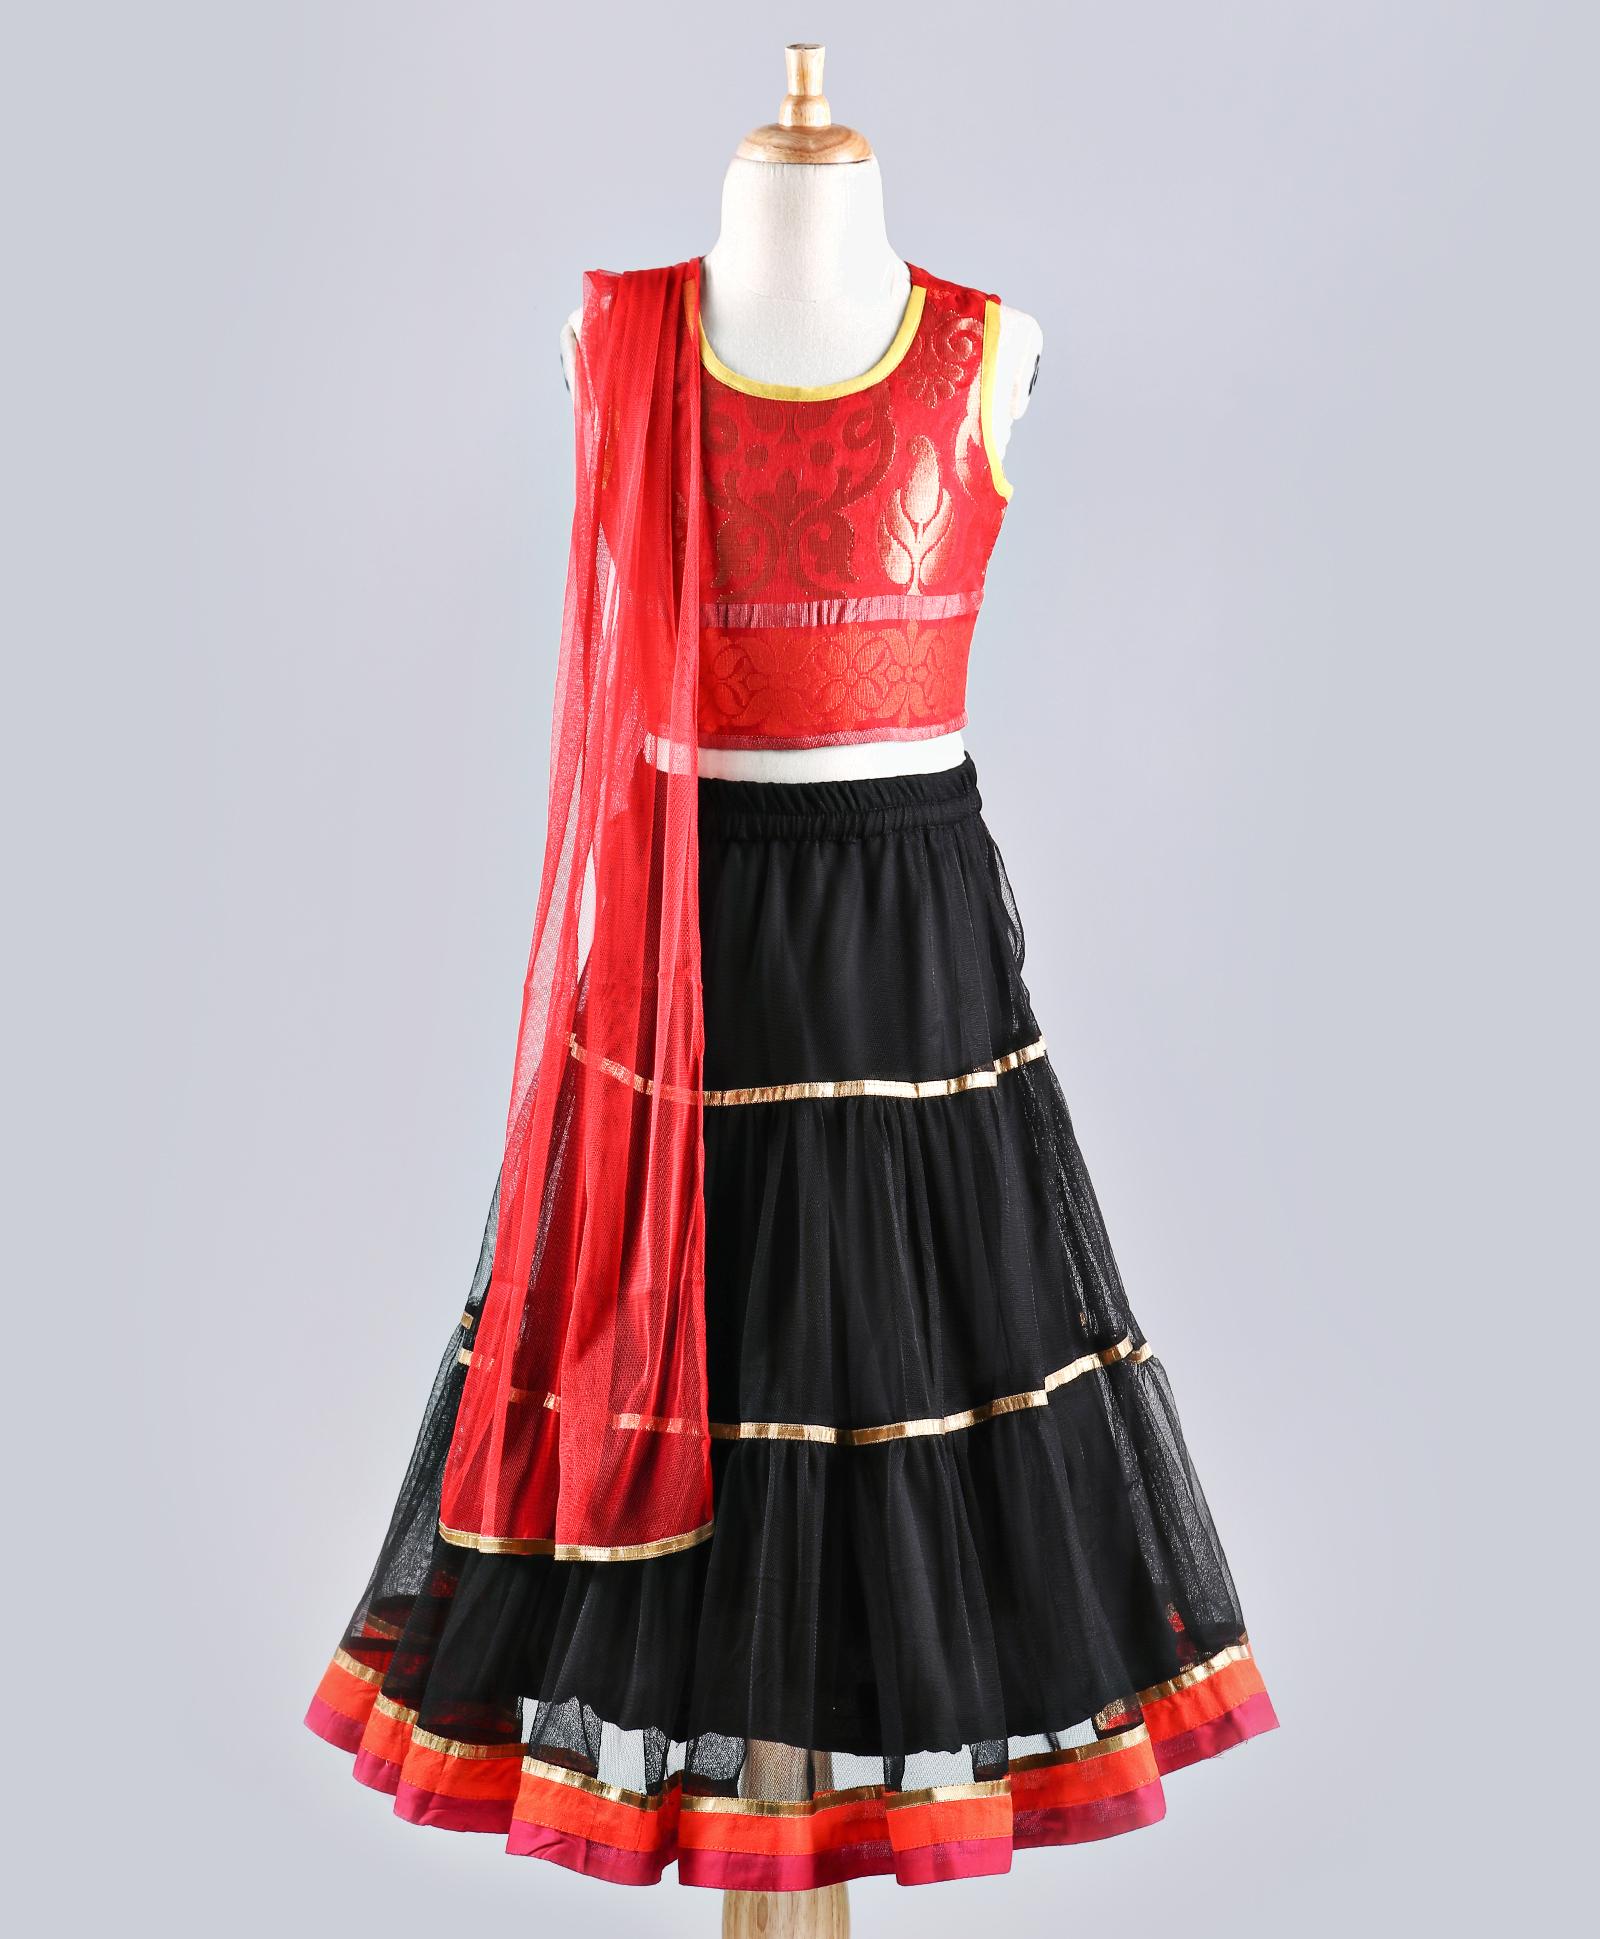 4eb564426ca50a Twisha Stylish brocade choli with designer three tiered lehenga with  Dupatta-Red - TWISHA - 2887054